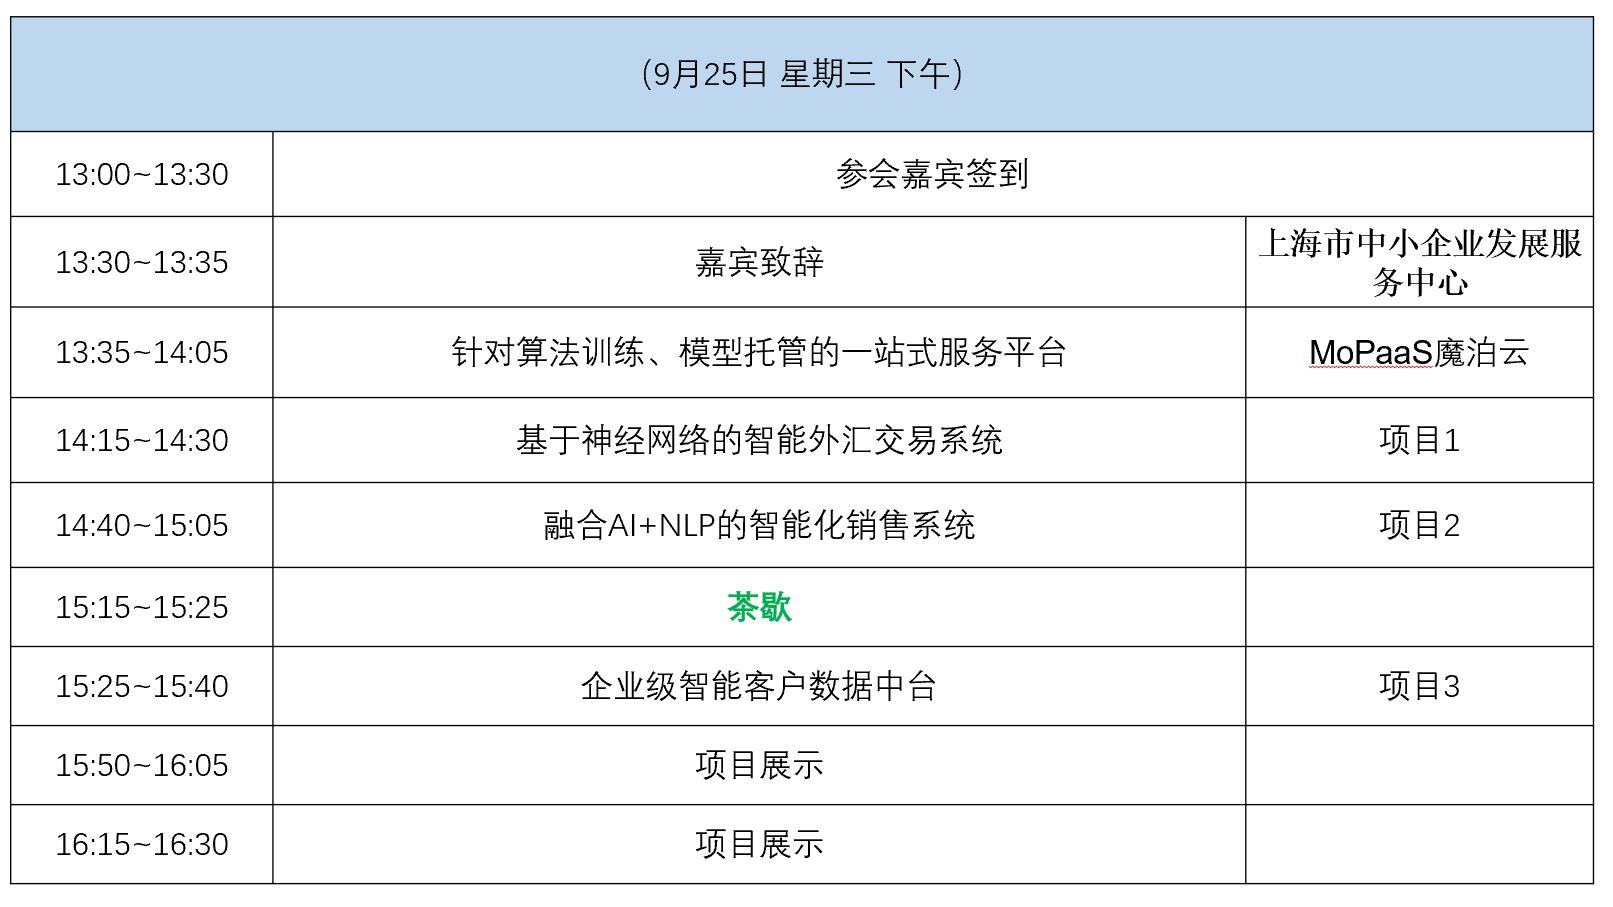 2019云计算沙龙(第二期):人工智能项目展示(上海)